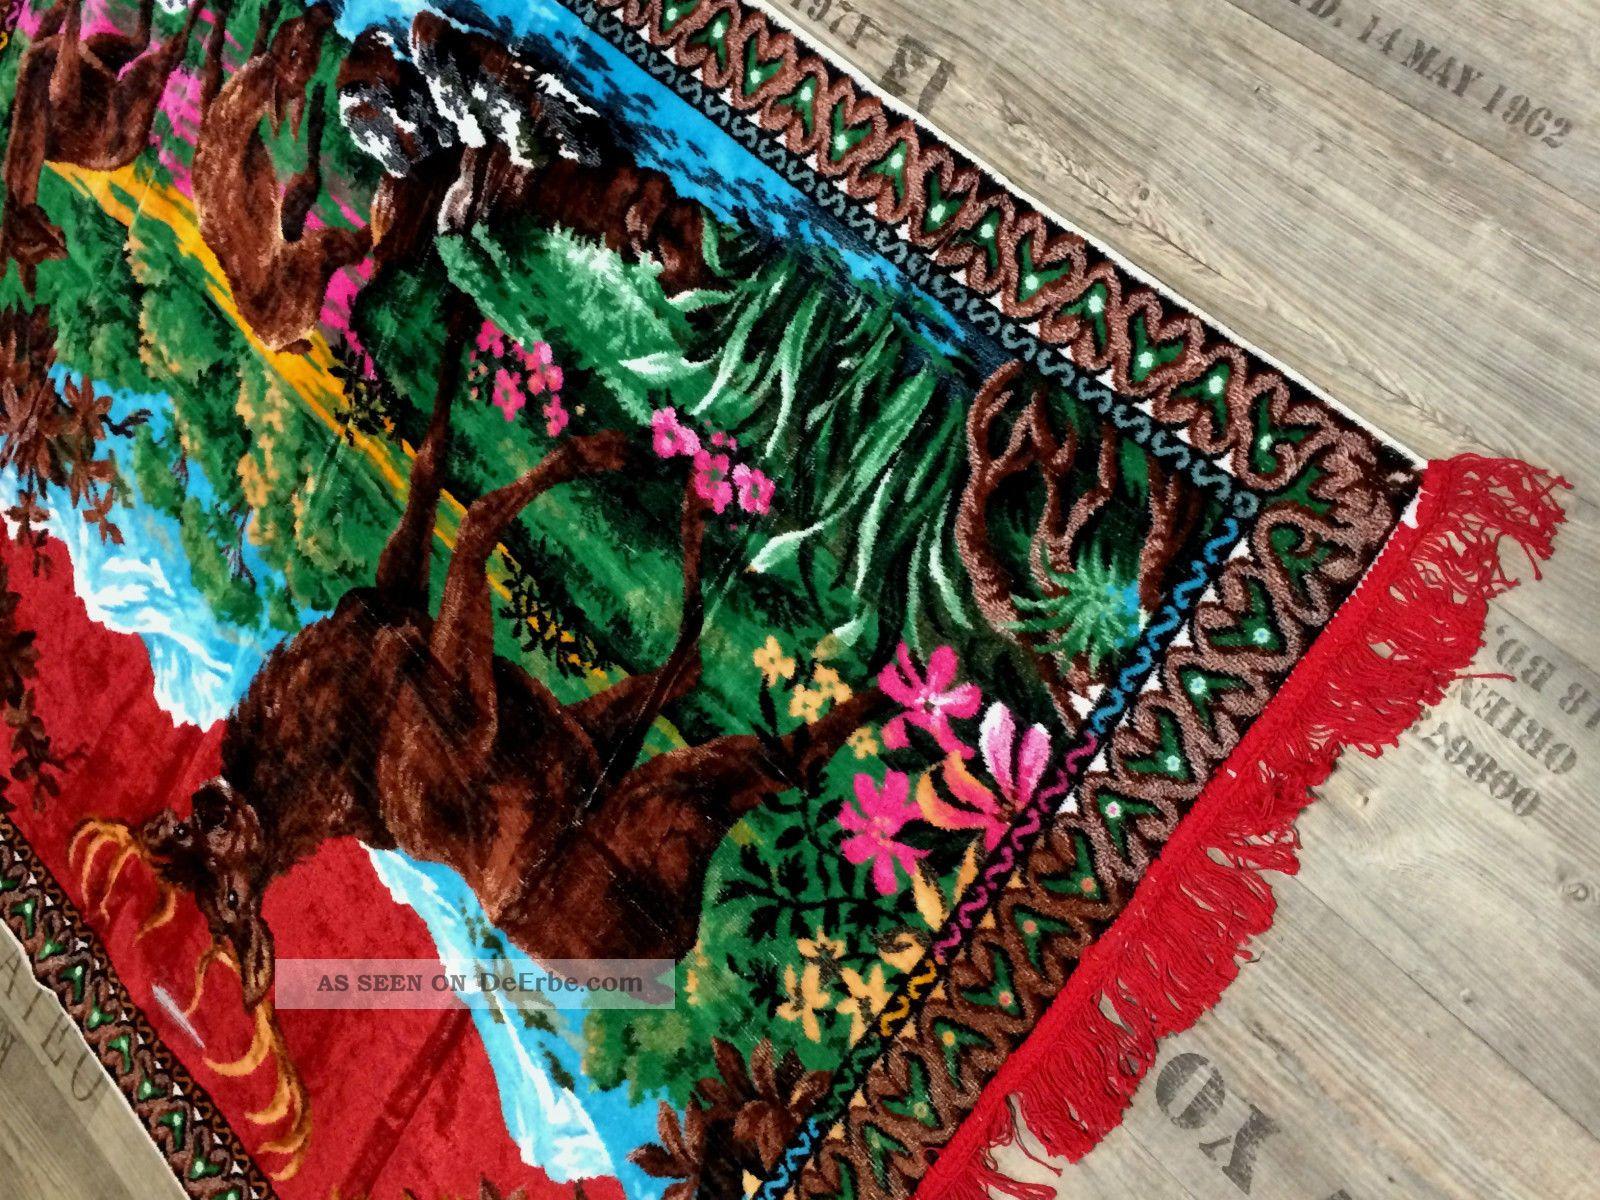 Wanddeko Wandteppich Aus Italien 170 X120 Hirsch Motiv Wandbehang Unikat Grün Teppiche & Flachgewebe Bild